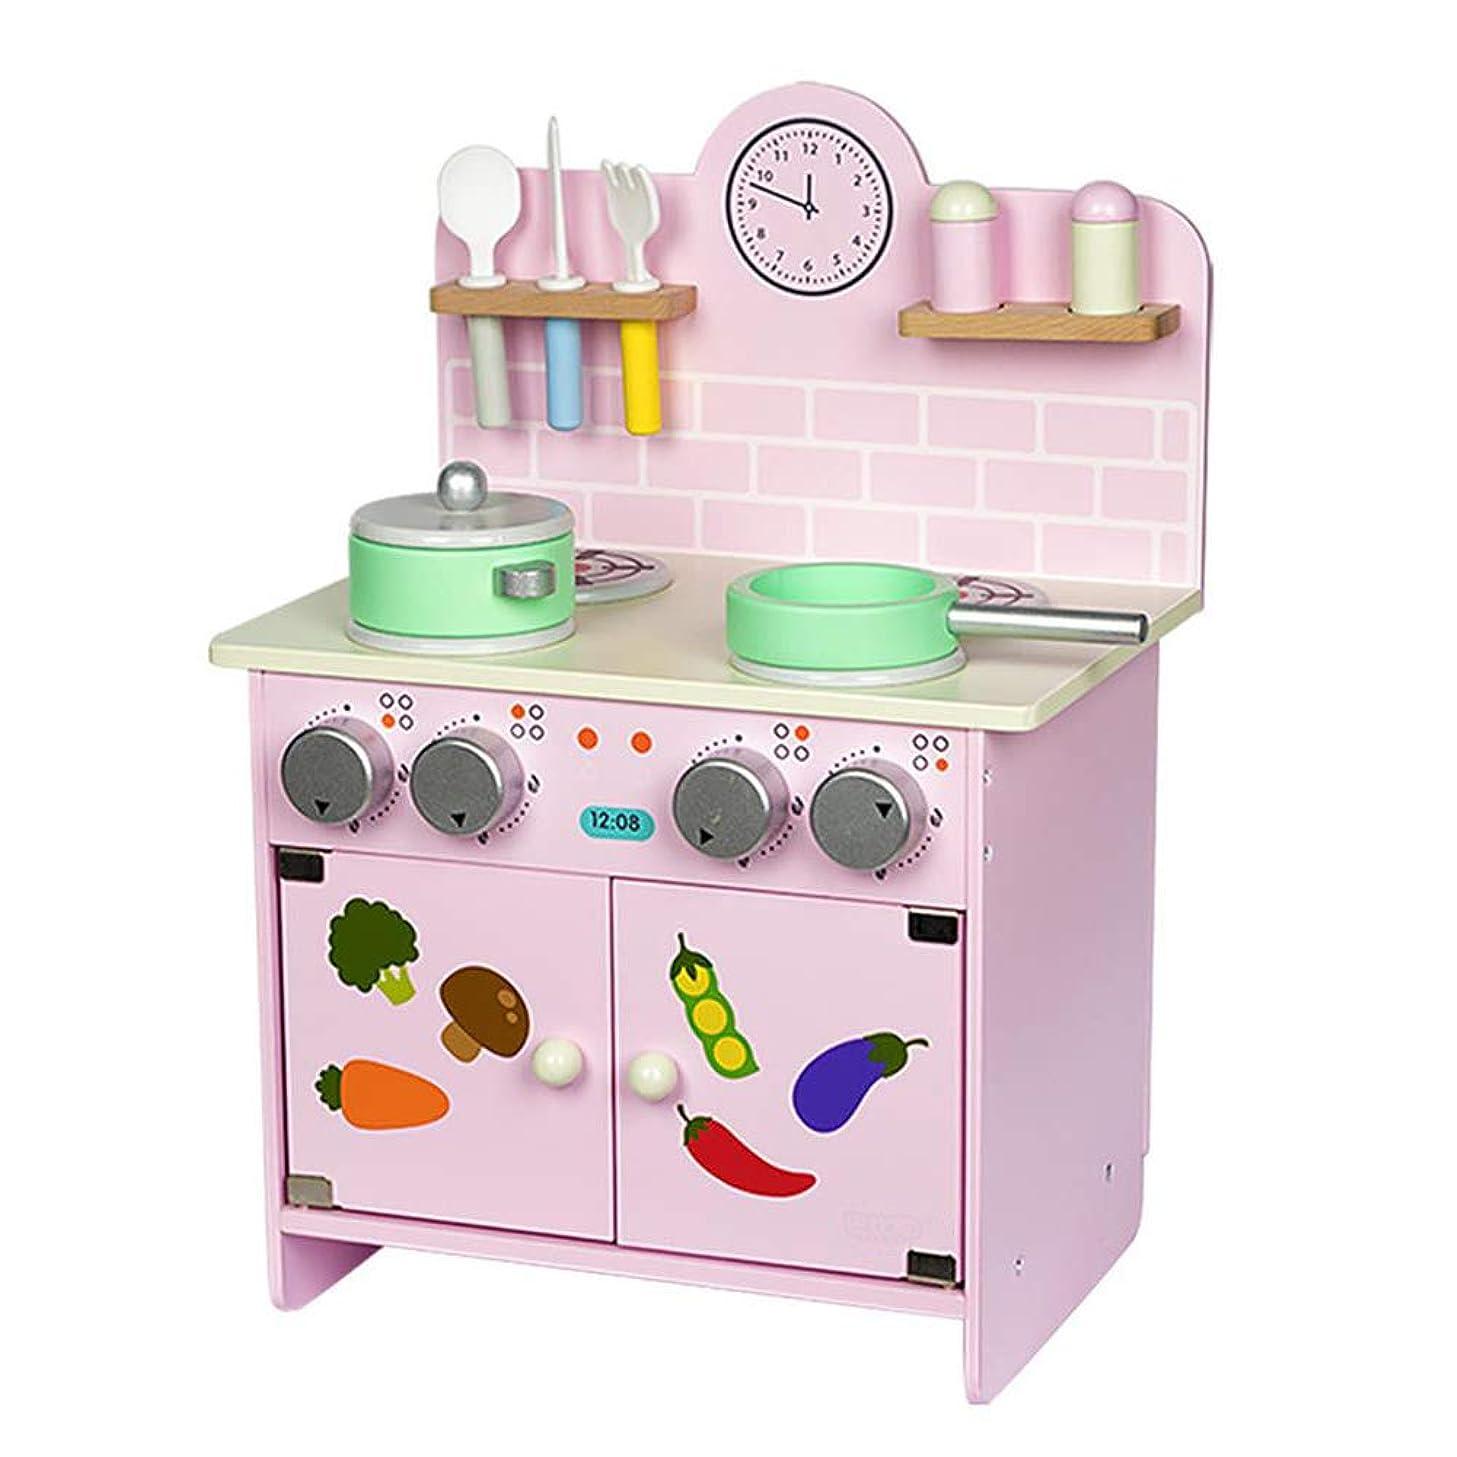 文字コミュニティパイプ女の子のための教育木製キッチン玩具セット、ベビーやキッズのための家のおもちゃを調理シミュレーションキッチン,ピンク